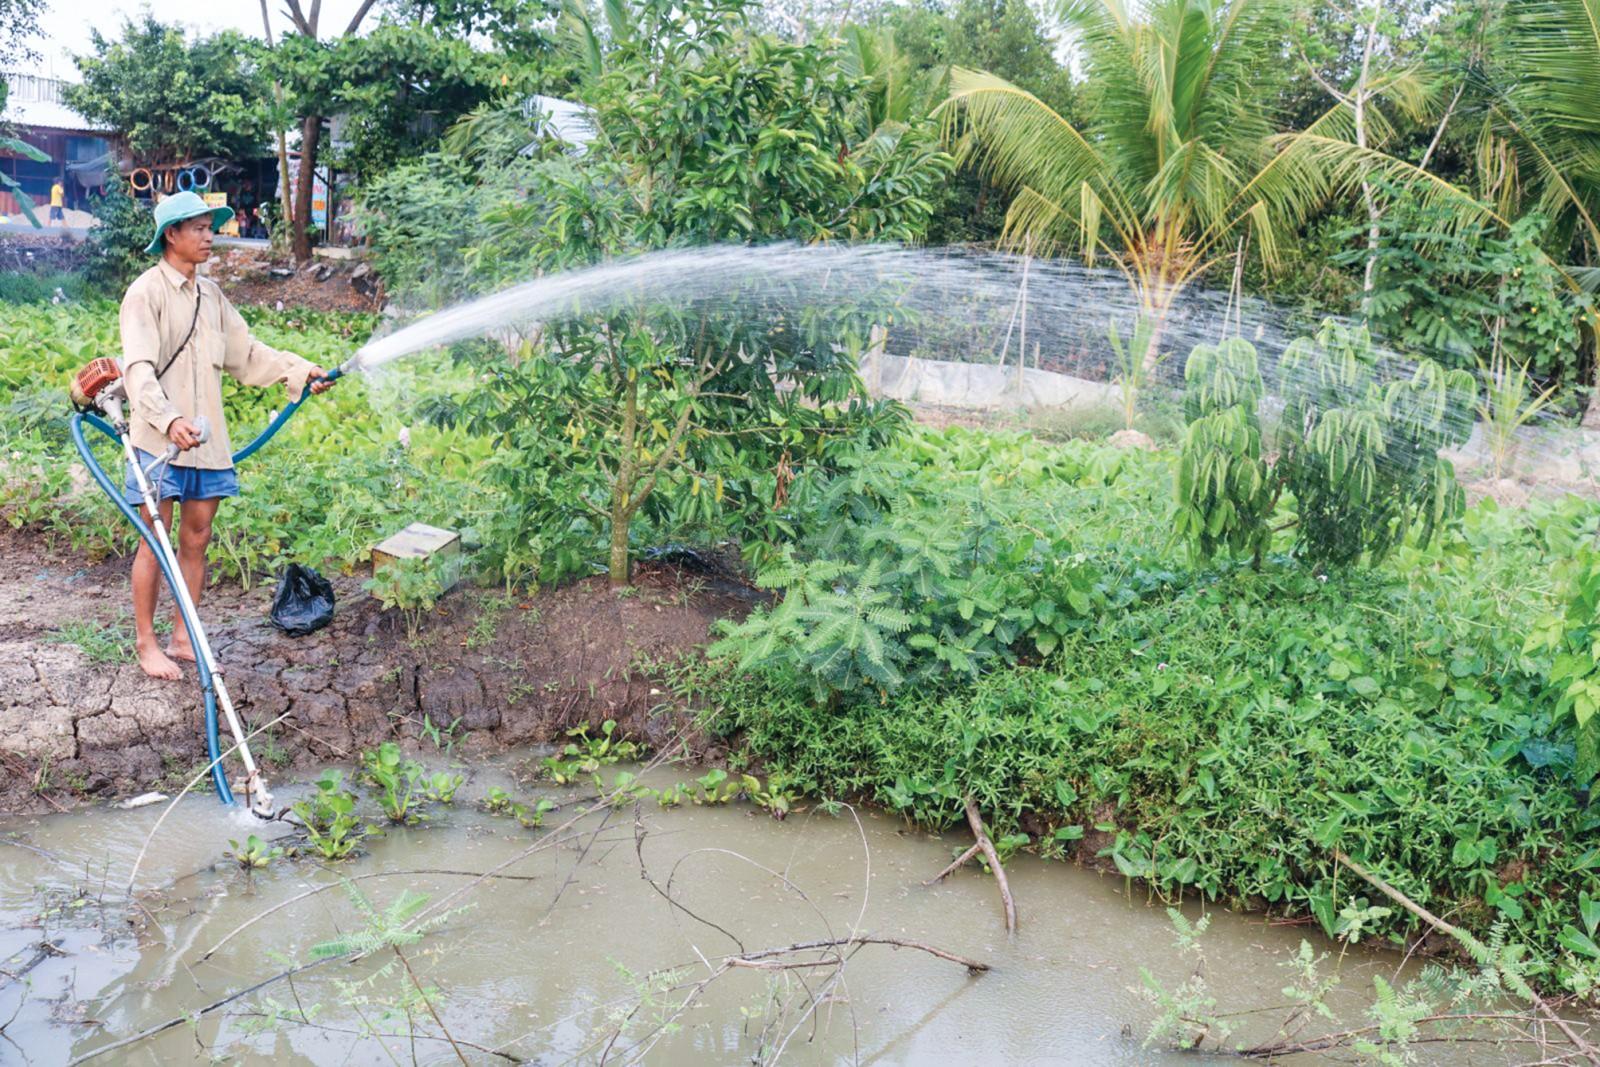 Tưới nước cho cây trồng tại hộ ông Ngô Văn Nhiều ở xã Trường Xuân, huyện Thới Lai. Ảnh: KHÁNH TRUNG